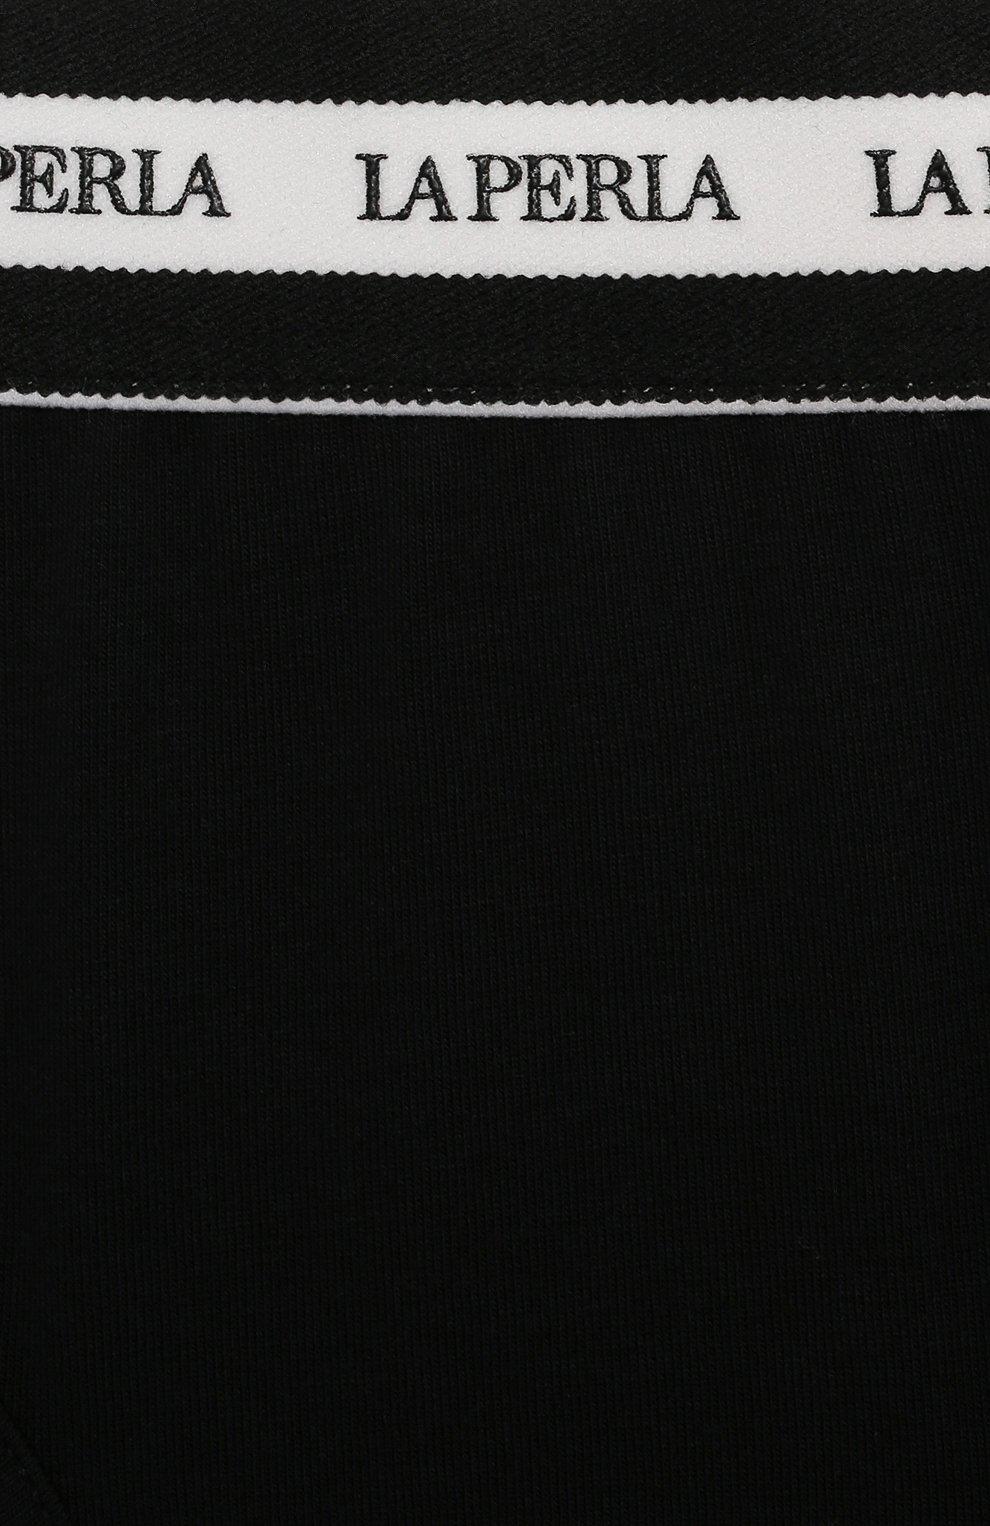 Детские трусы-слипы LA PERLA черного цвета, арт. 70137/8A-14A   Фото 3